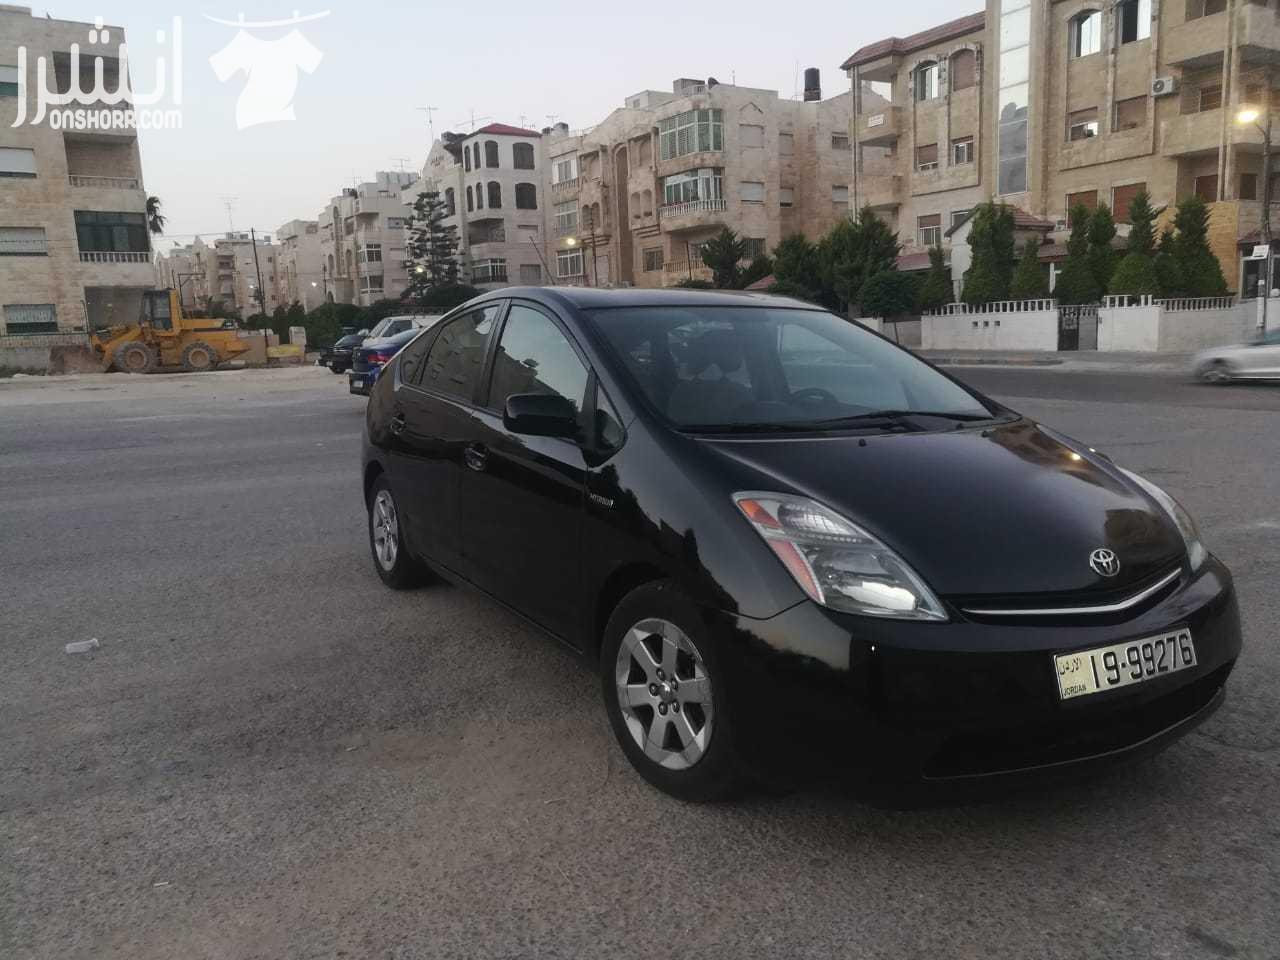 للبيع تيدا خليجي for sale Nissan Tiida Al Masoud-  تويوتا بريوس موديل 2009...